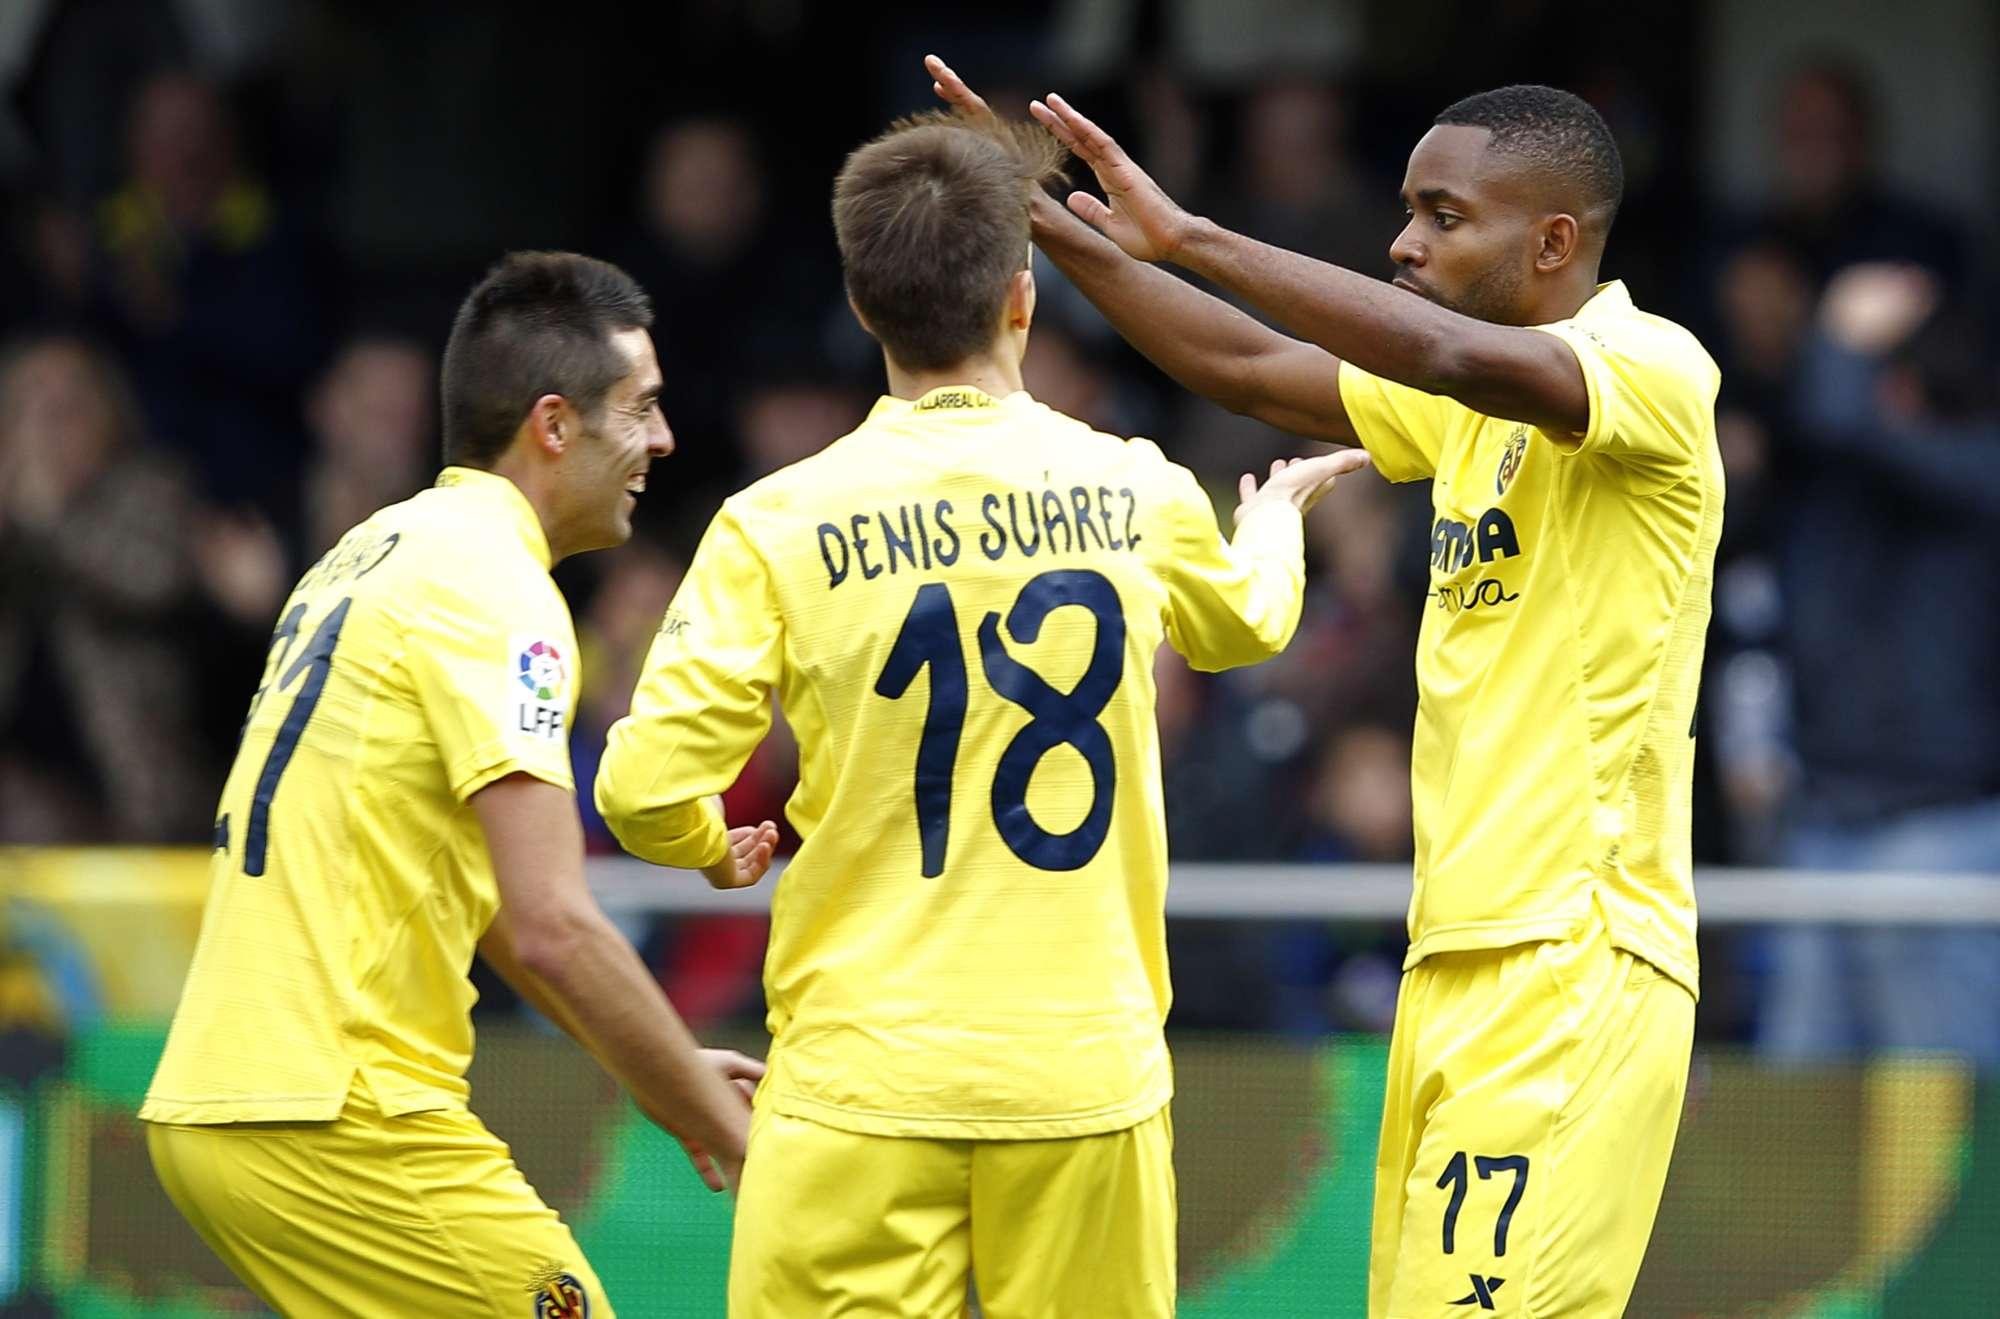 Il Villarreal non ha ancora perso al Madrigal in questa edizione di Europa League